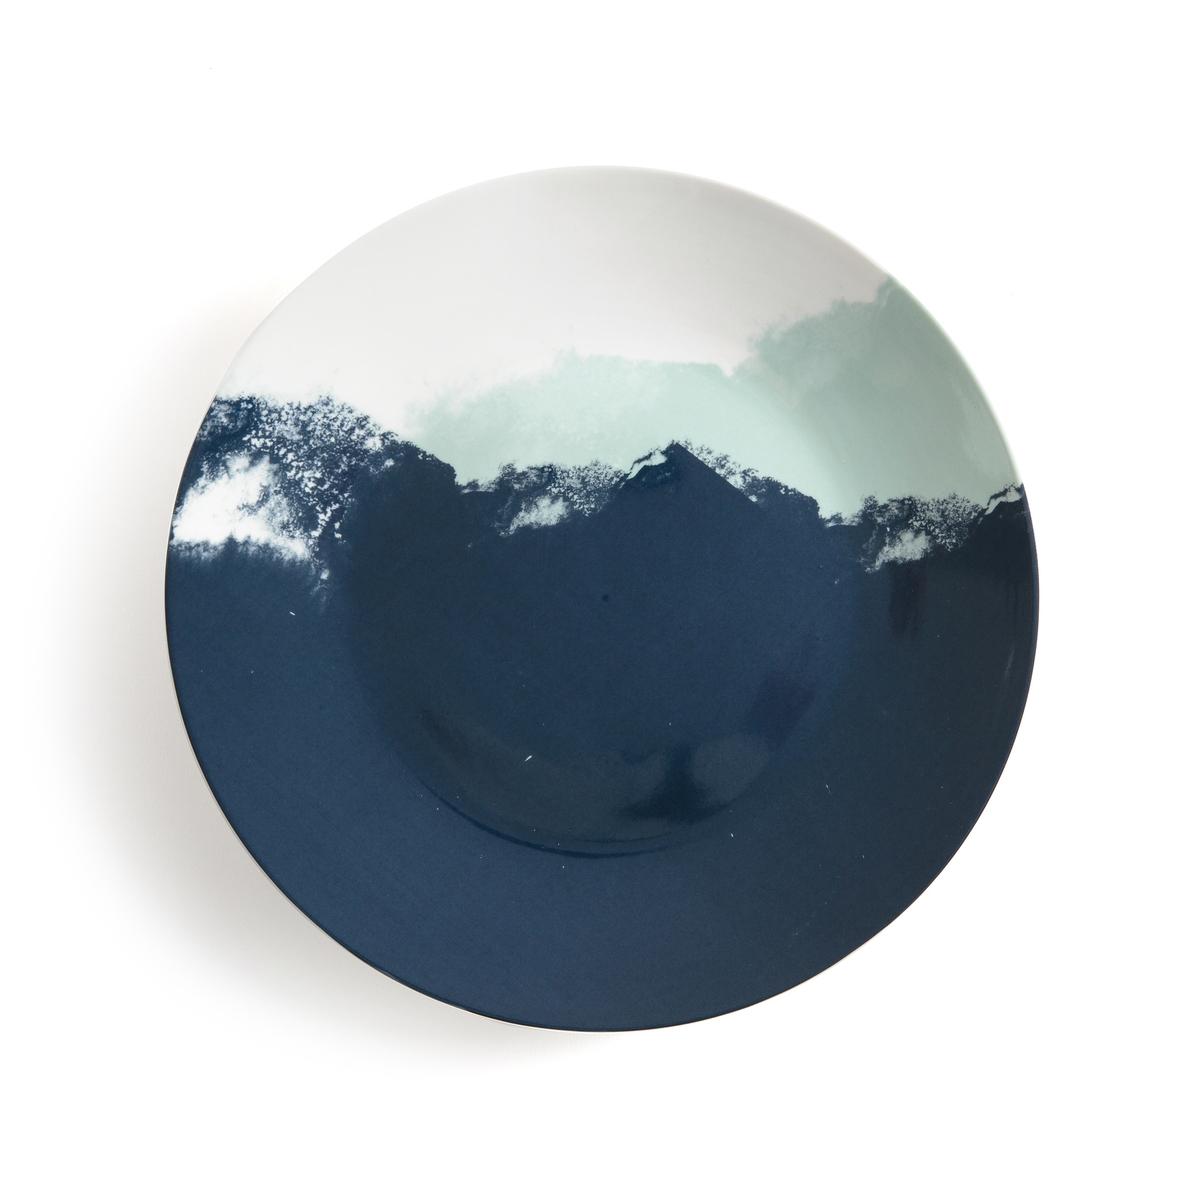 Комплект из 4 плоских тарелок, ECUMEОписание:4 тарелки плоских из керамики Ecume . Красивое сочетании синих оттенков в морском стиле .Характеристики 4 тарелок Ecume : •  Из тонкой керамики •  Диаметр 26,5 см •  Подходит для мытья в посудомоечной машине и использования в микроволновой печиДесертные тарелки и кружки Ecume. продаются на сайте laredoute.ru<br><br>Цвет: синий/наб. рисунок<br>Размер: единый размер